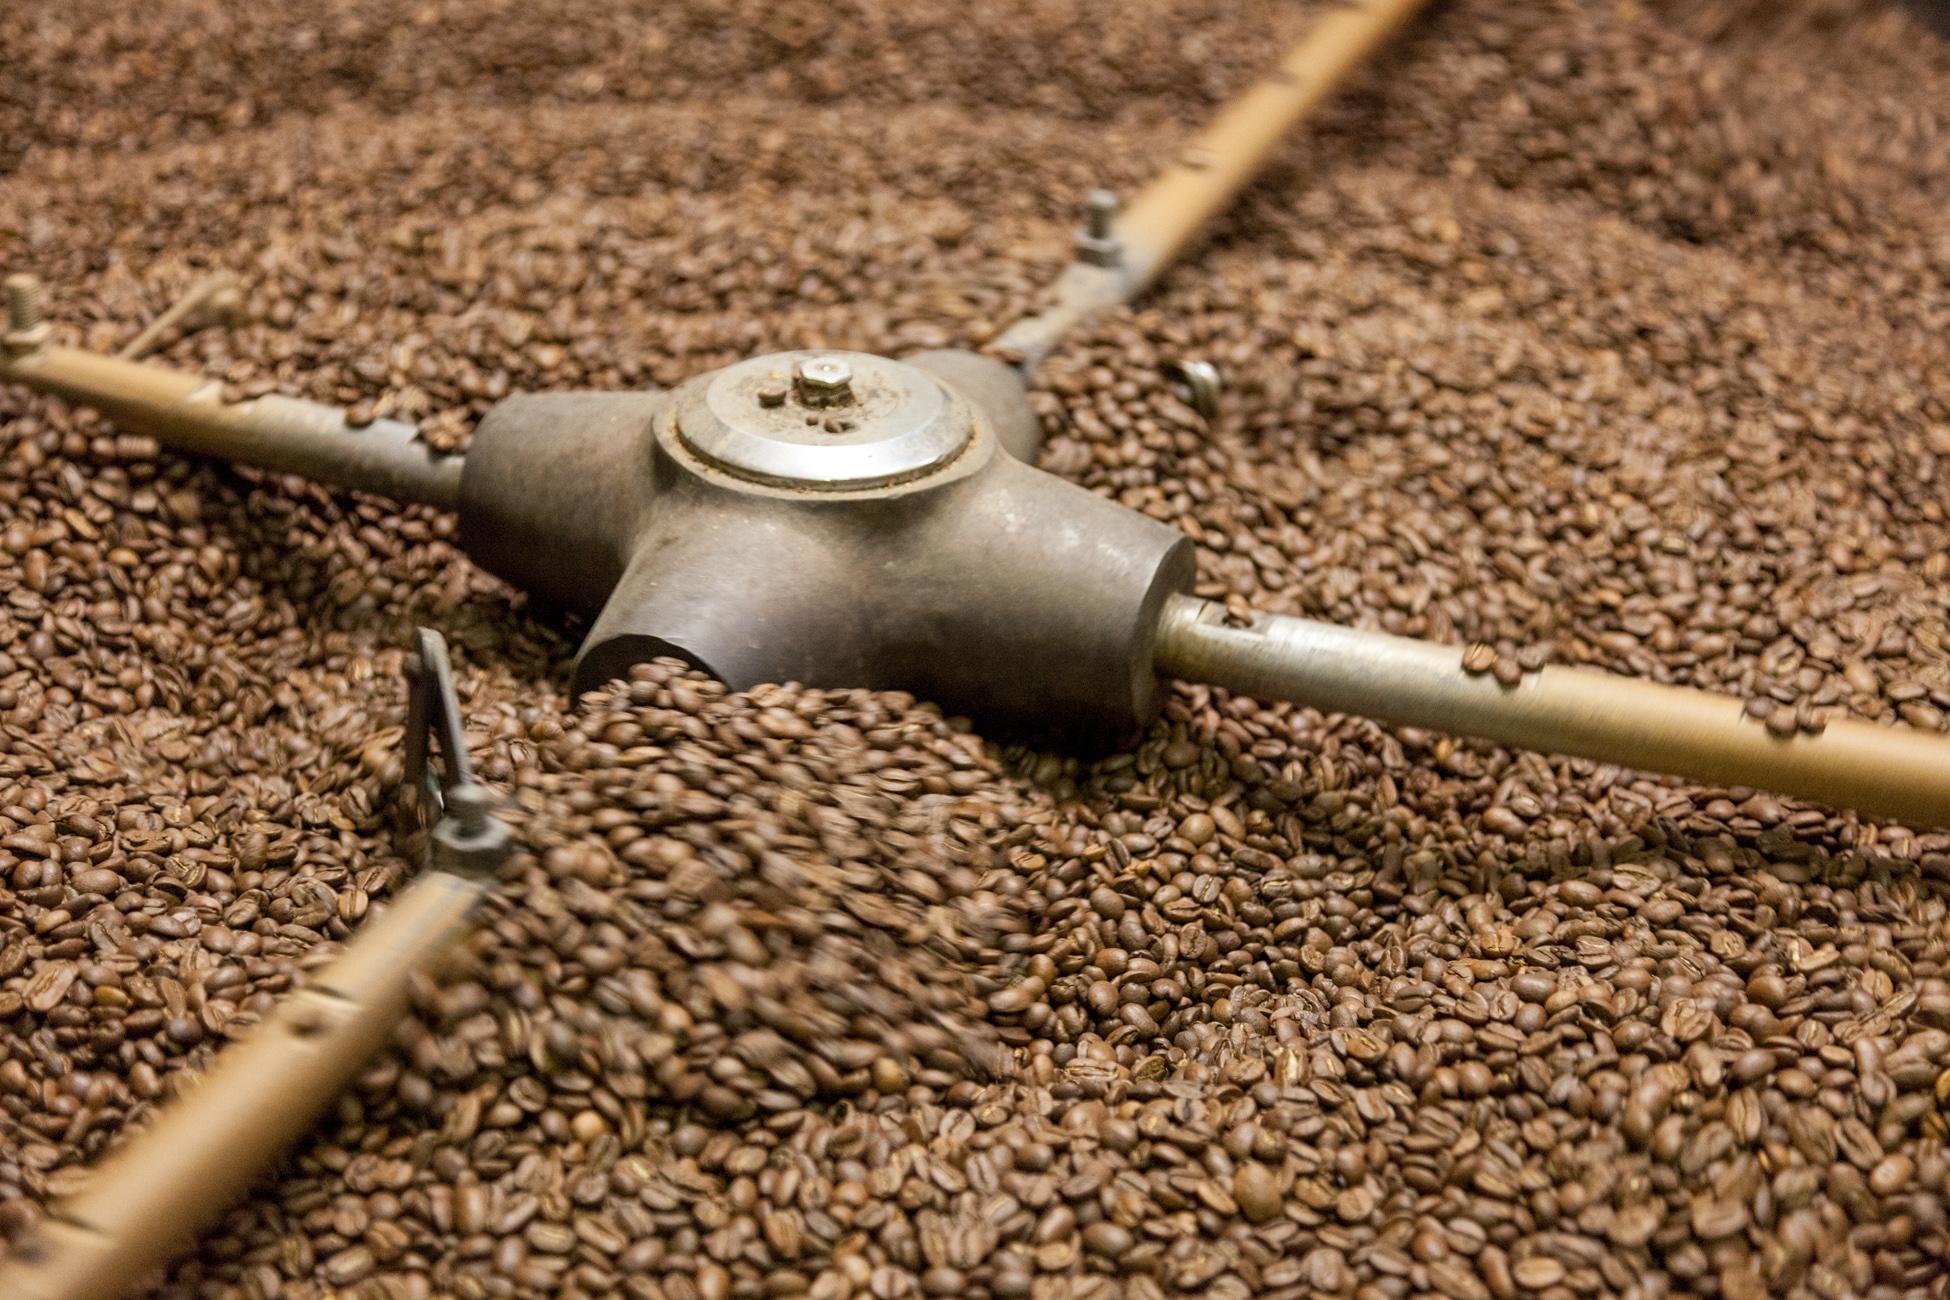 Un bon café réunit plusieurs conditions : une bonne récolte, une bonne torréfaction et une bonne extraction...